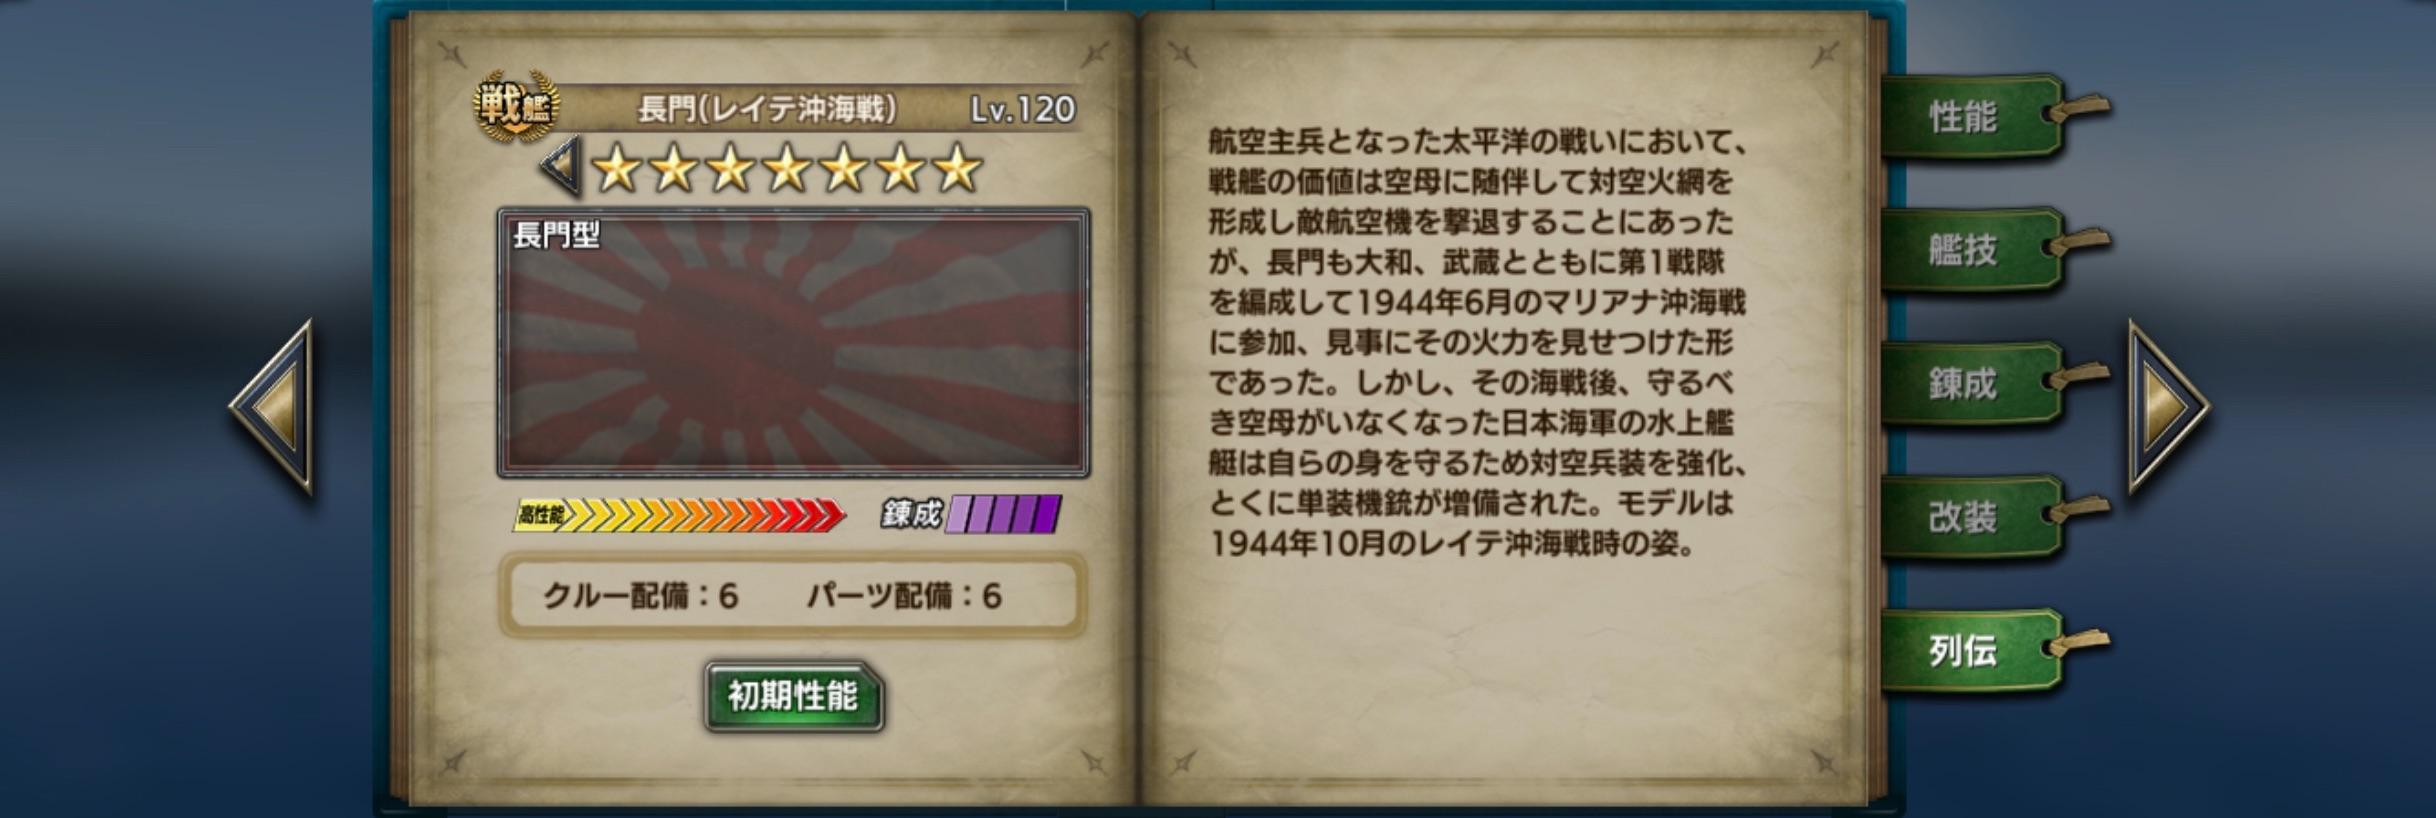 nagato-history